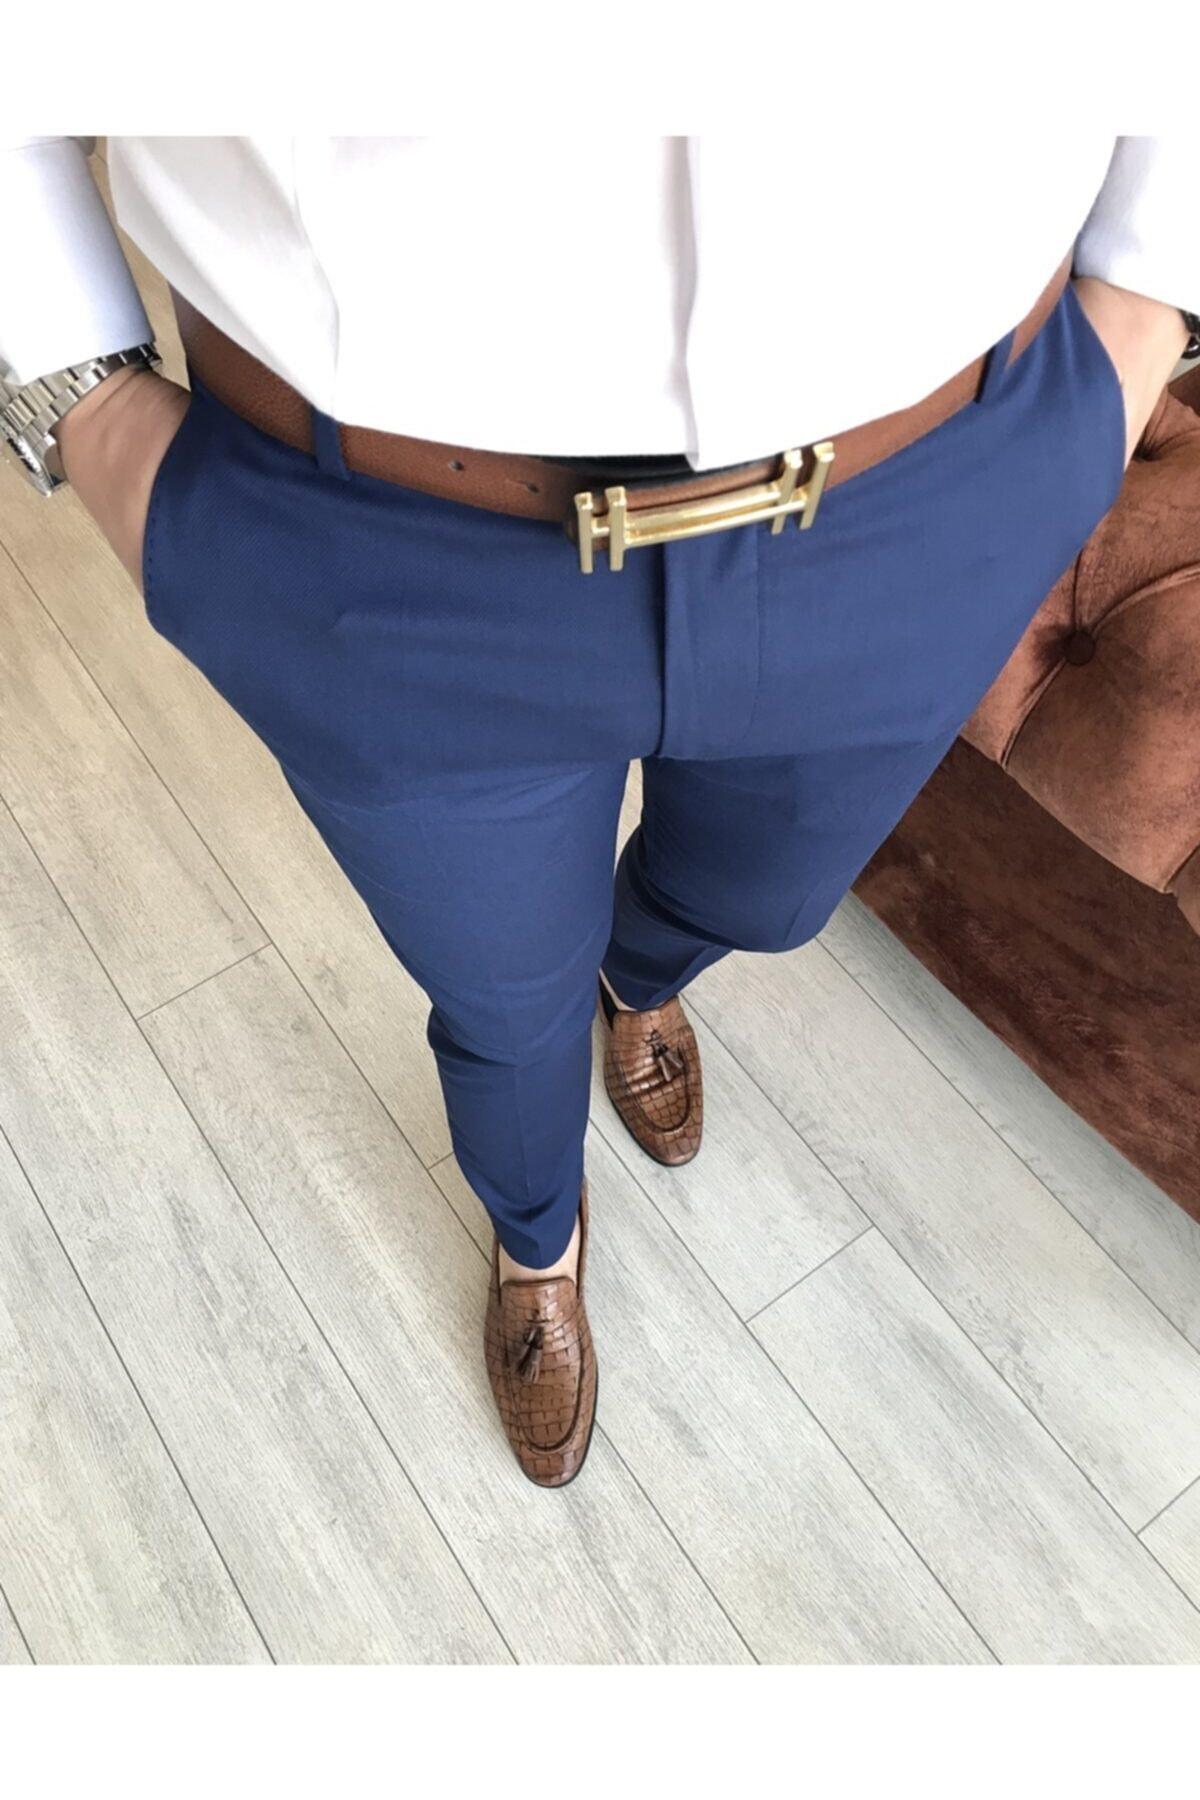 Italyan Stil Slim Fit Erkek Kumaş Pantolon Açık Lacivert T4828